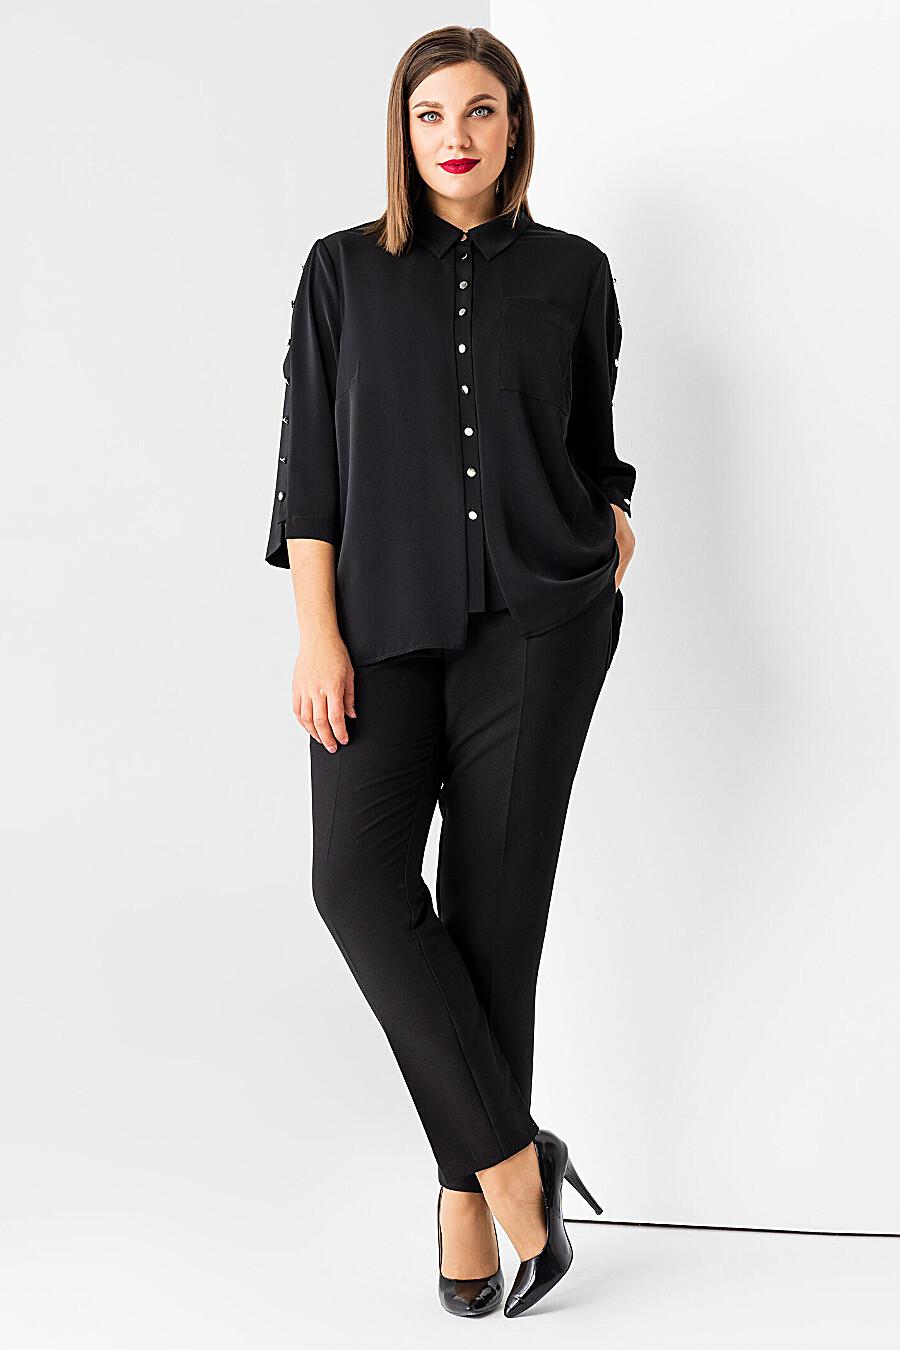 Блуза для женщин PANDA 700506 купить оптом от производителя. Совместная покупка женской одежды в OptMoyo